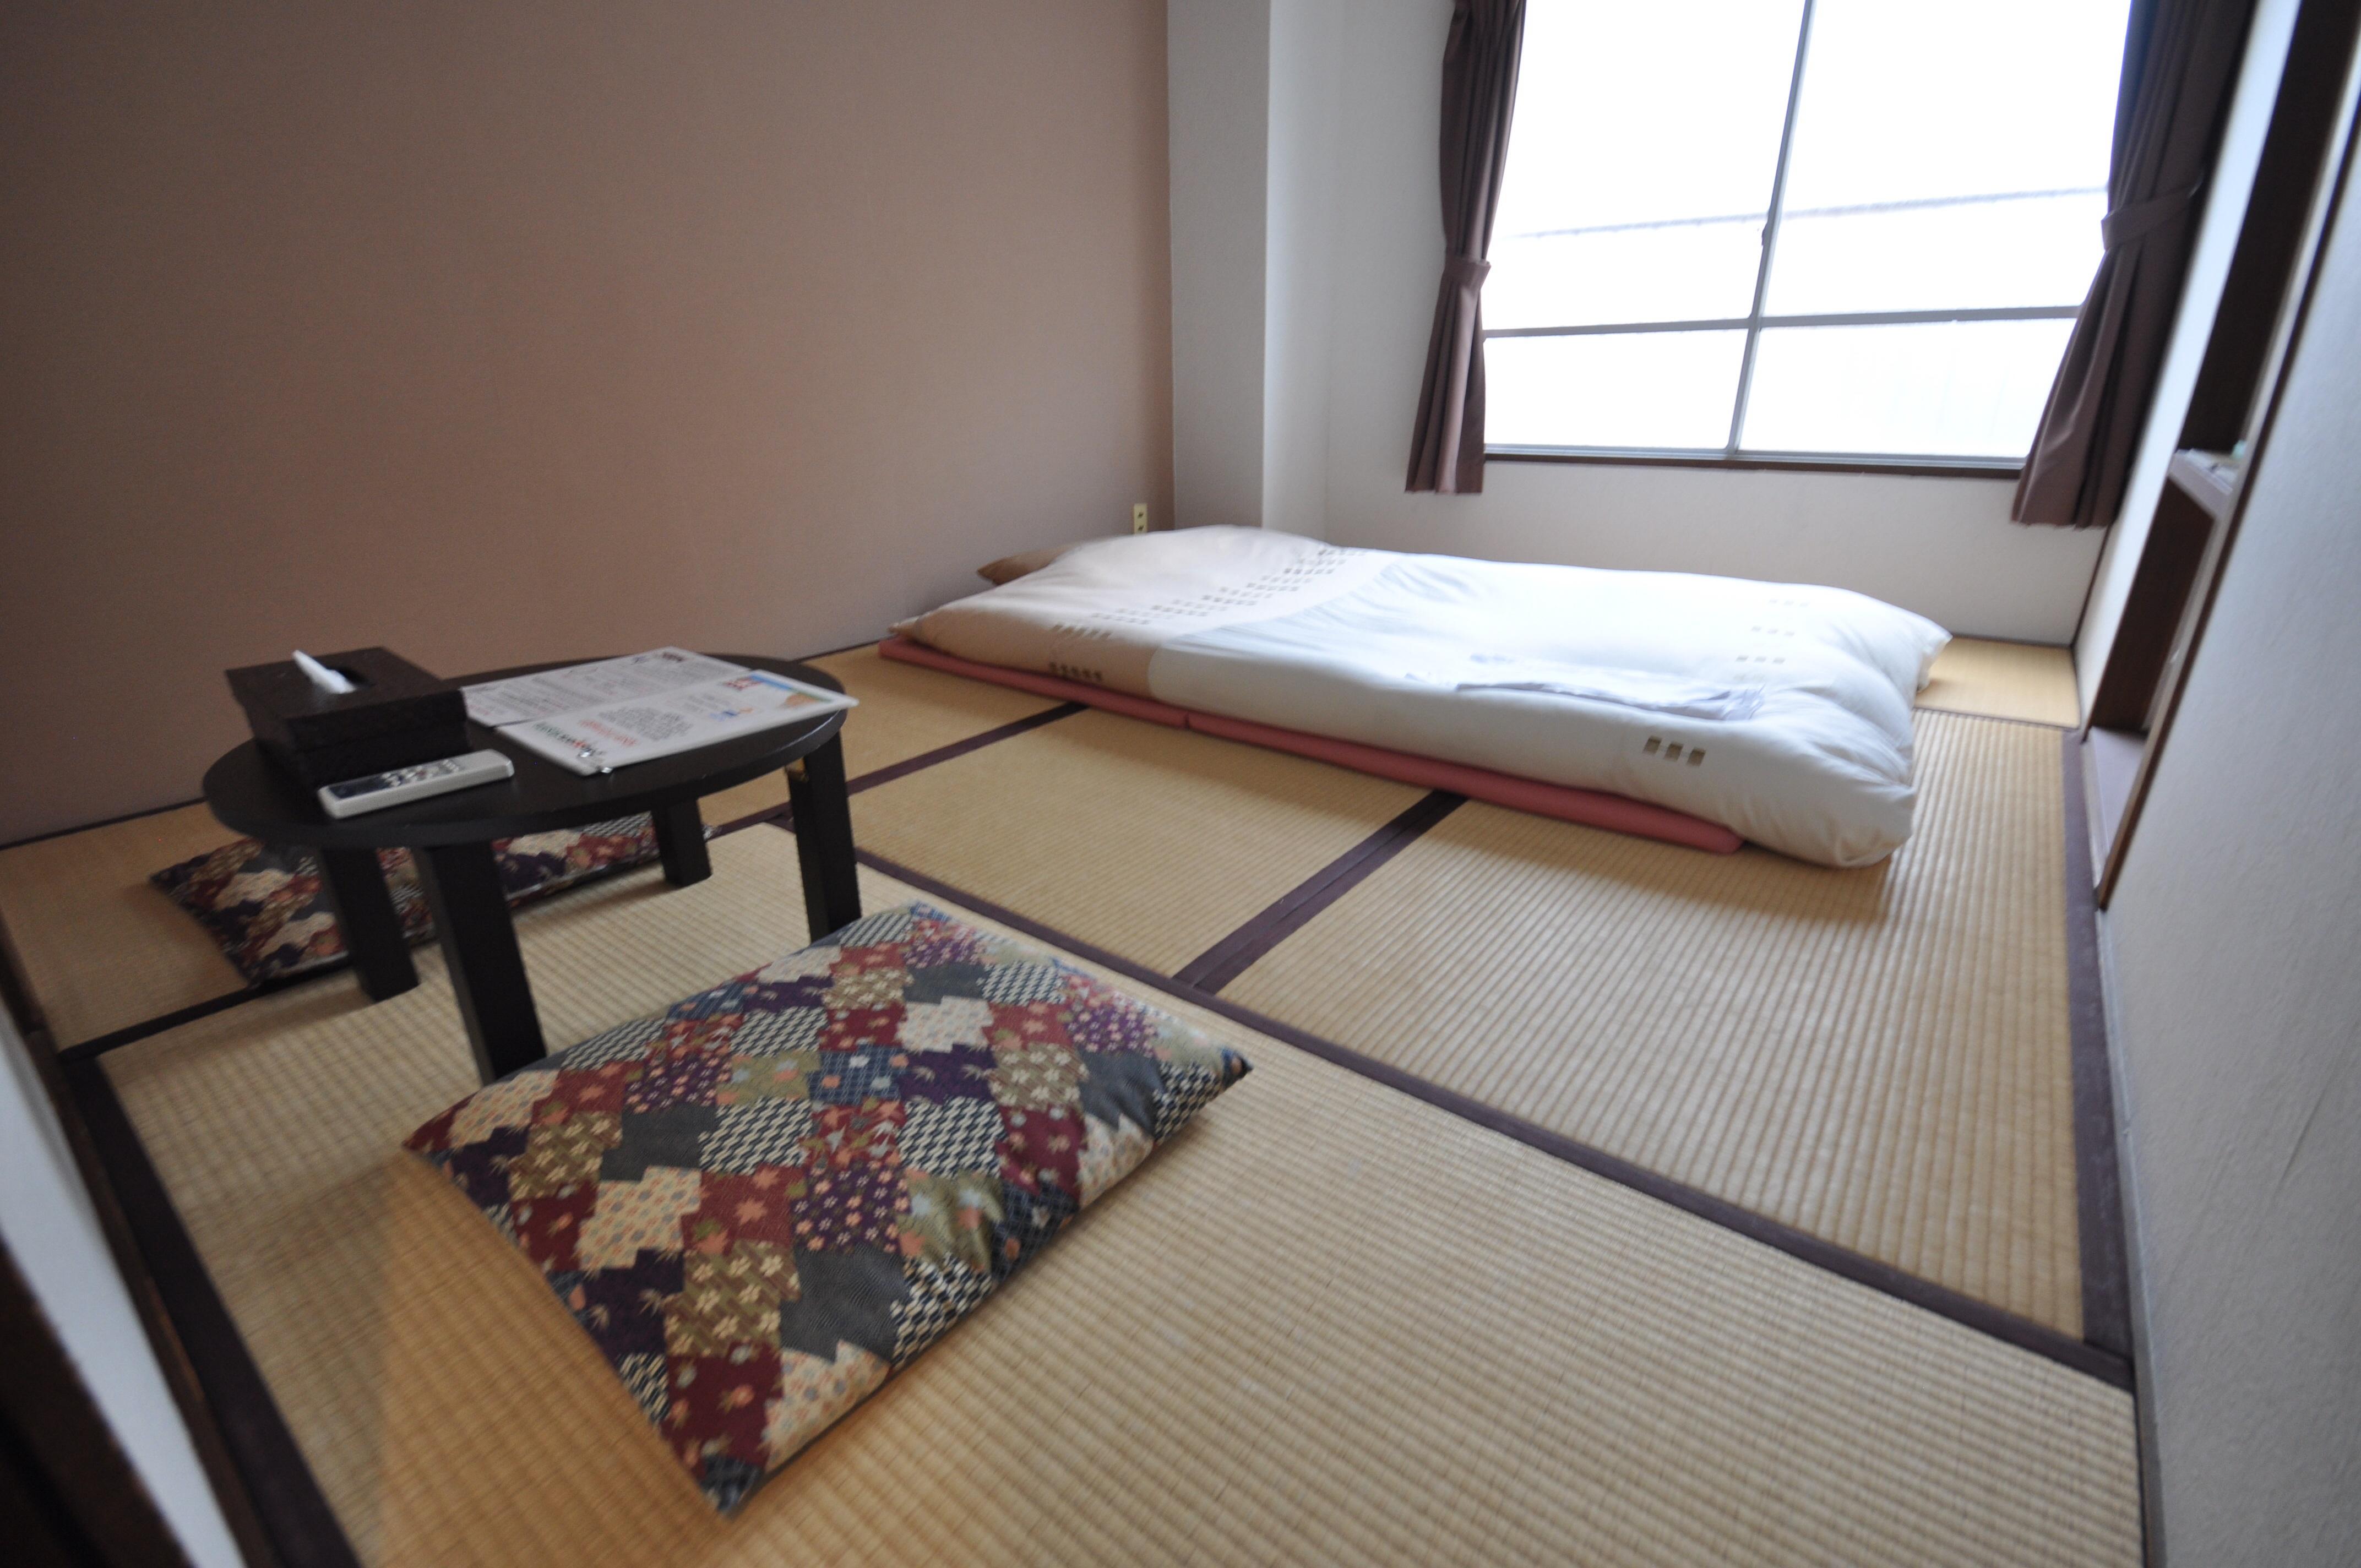 Tatami Matte hiroshima tatami matte andreaundchrisunterwegs